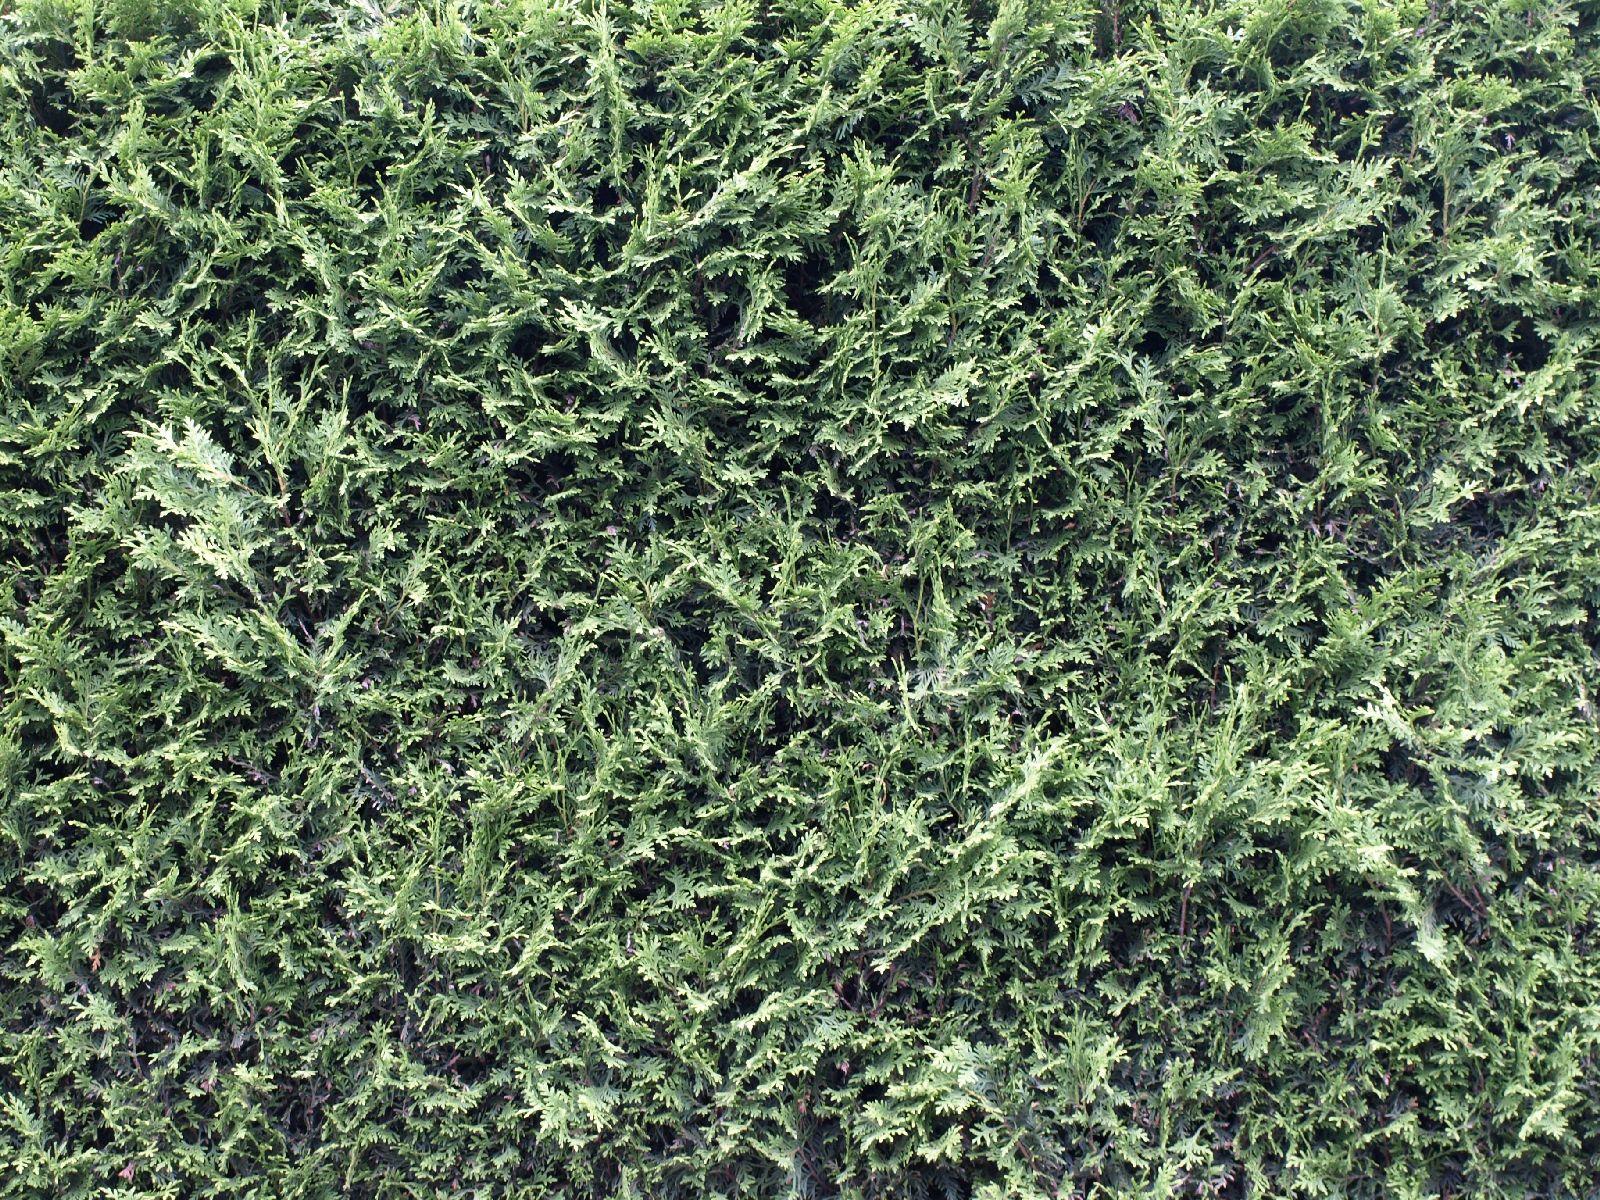 Pflanzen-Hecken-Foto_Textur_B_P6083311